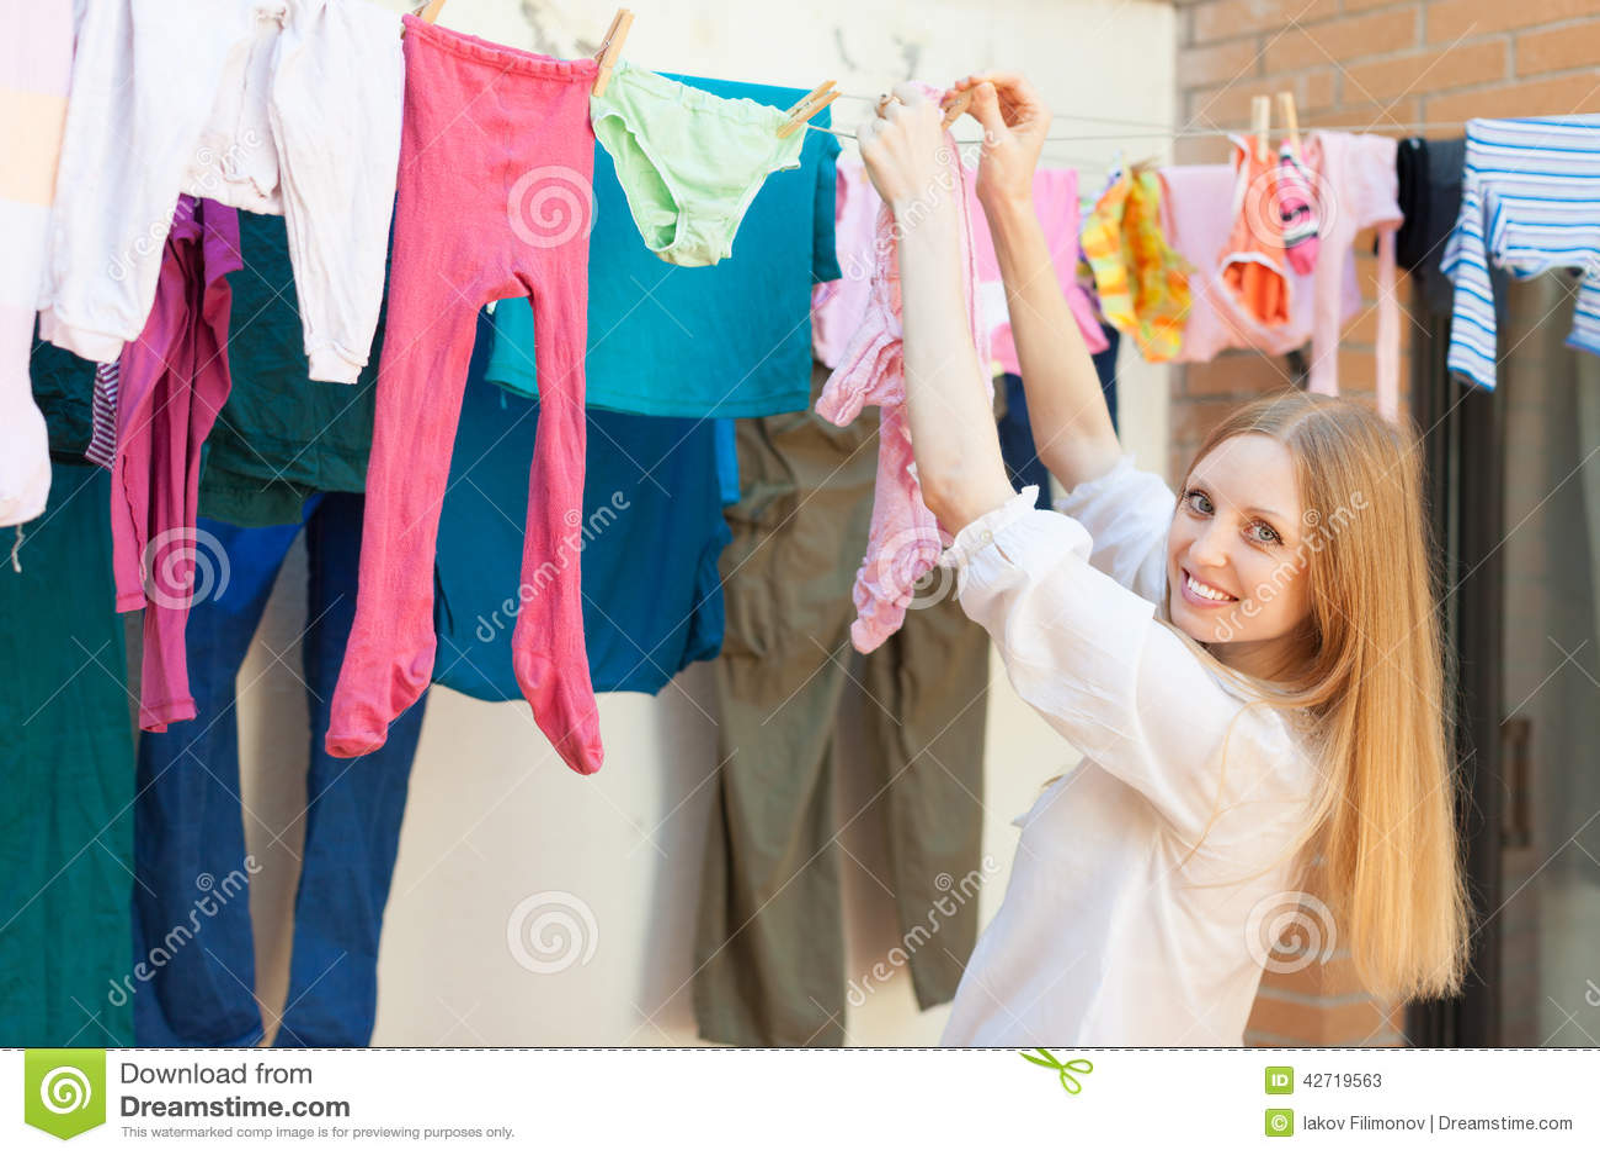 Фото женщины развешивающей белье 1 фотография